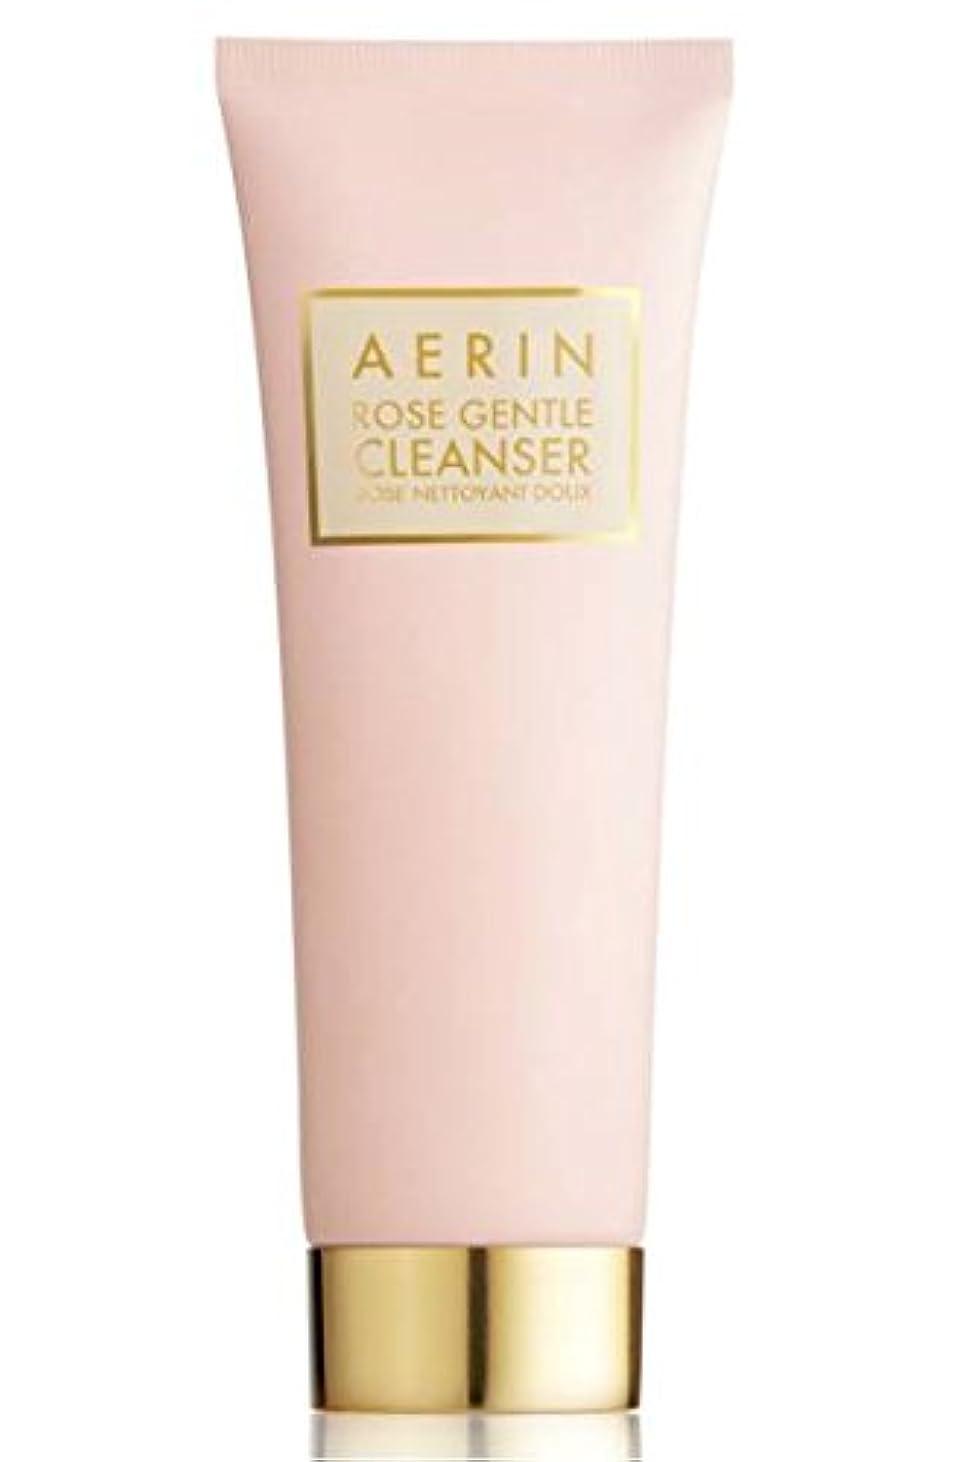 カートアクセスできない警察署AERIN Rose Gentle Cleanser(アエリン ローズ ジェントル クレンザー) 4.2 oz (126ml) by Estee Lauder